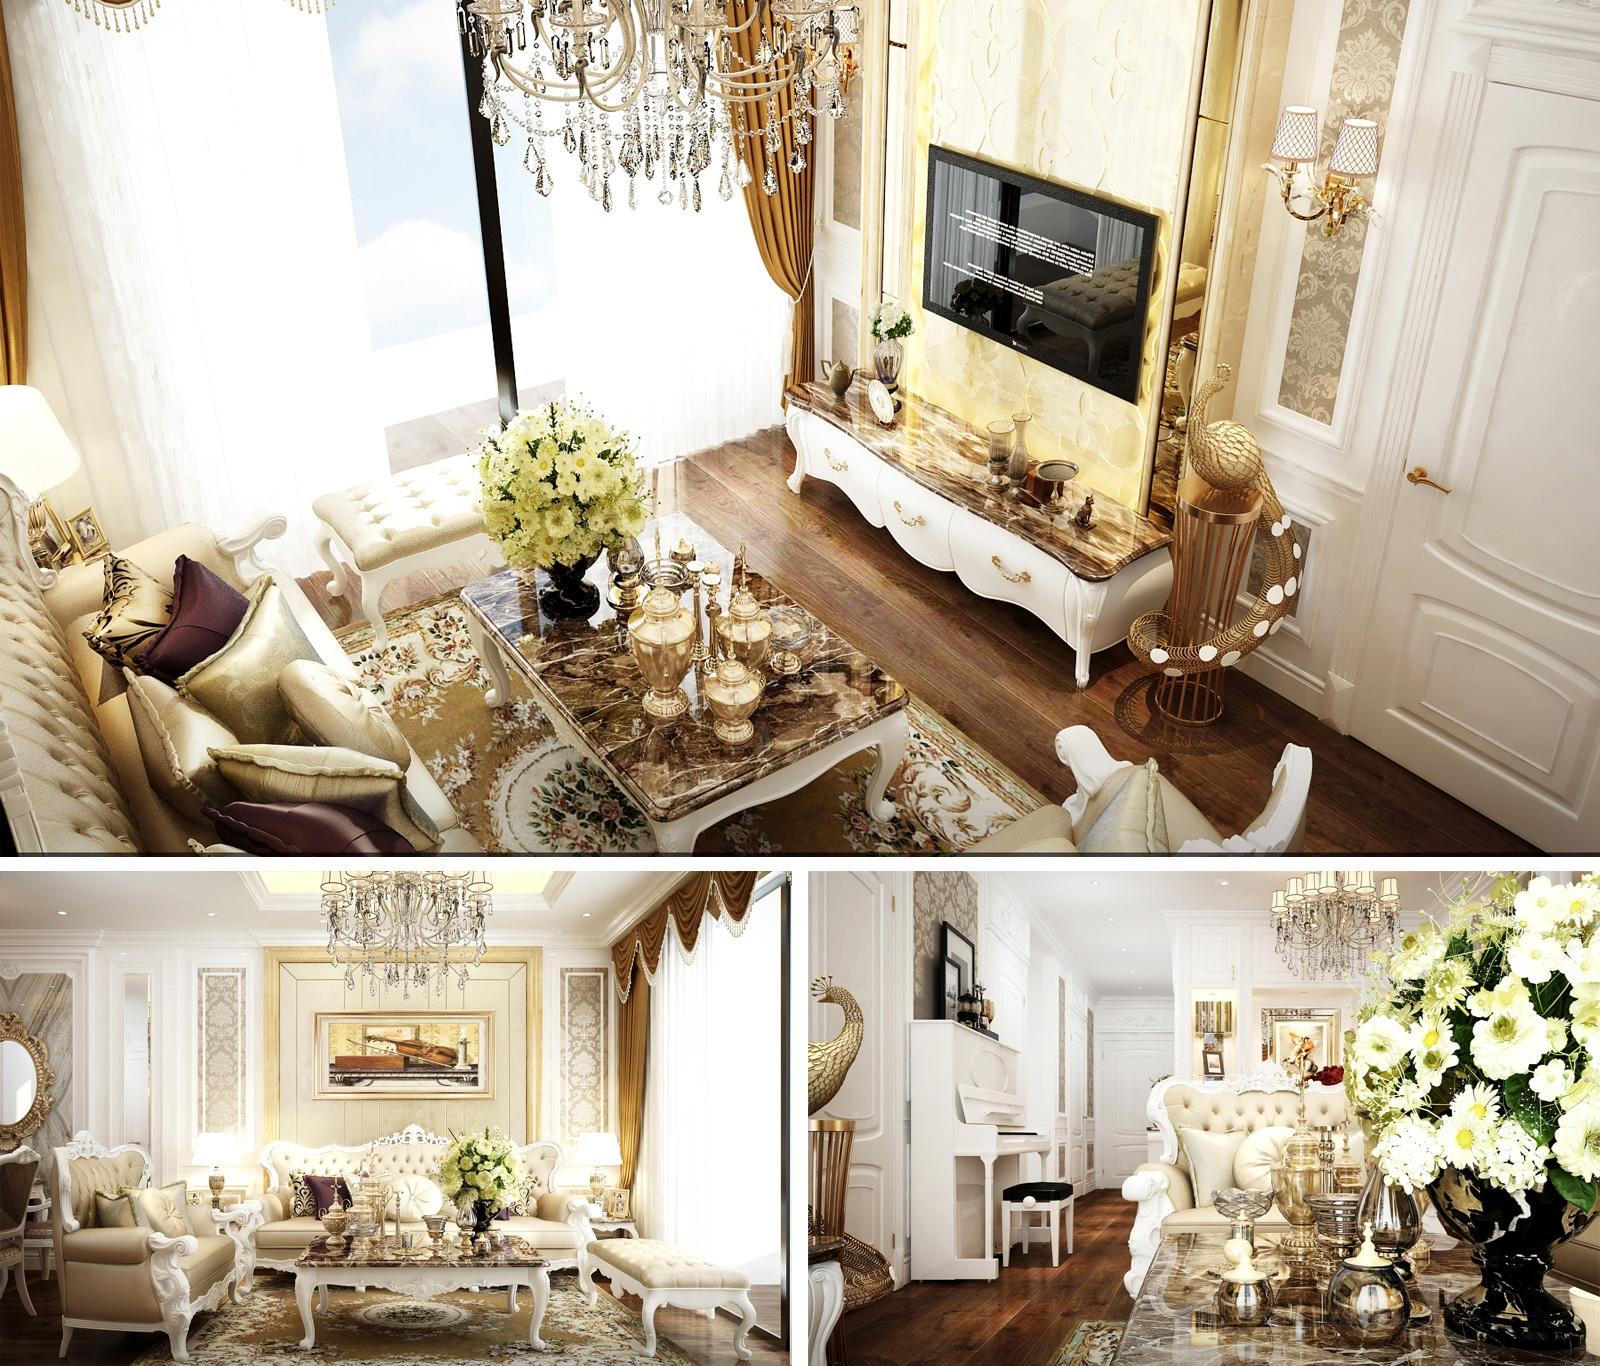 Thiết kế không gian phòng khách với gam màu sáng